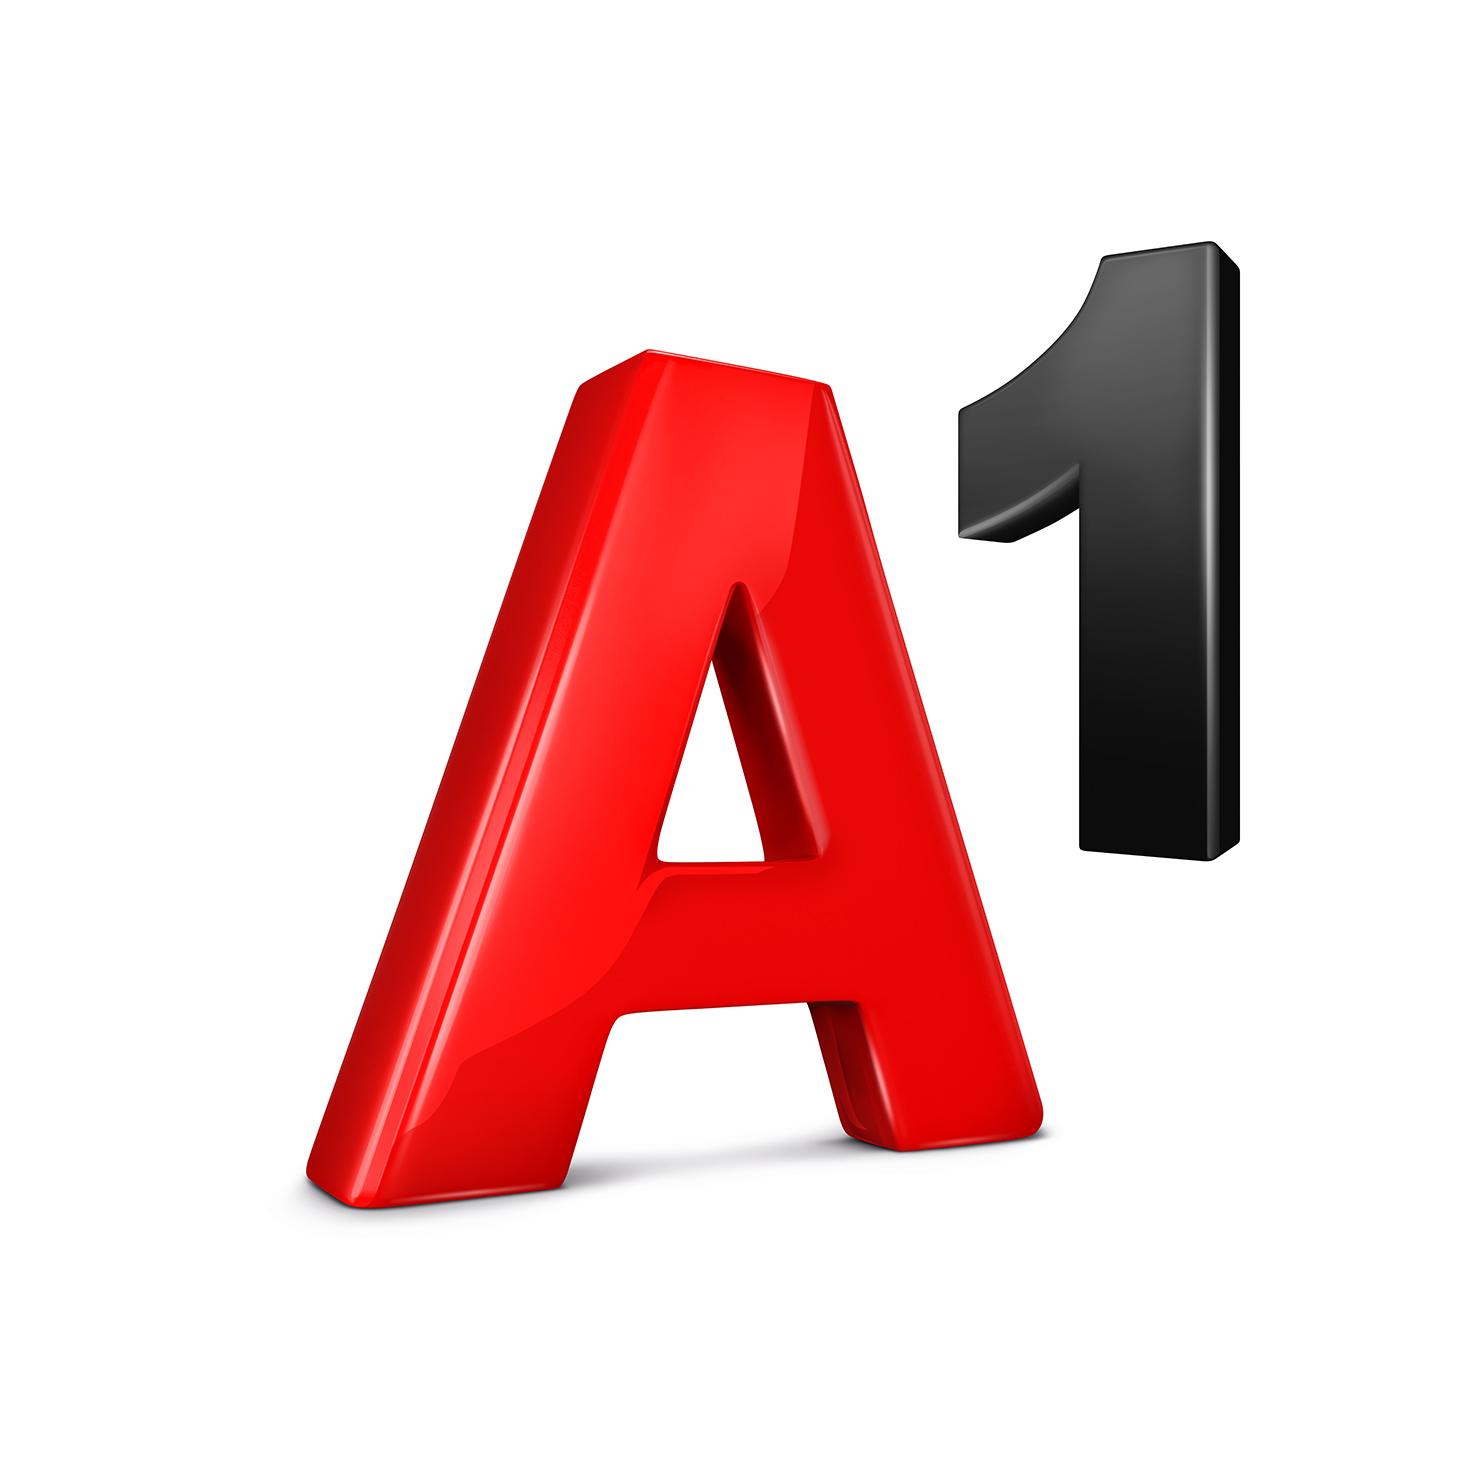 [A1] Kostenlose Workshop Kurse zum Thema Internet, Computer, Smartphones, Bildberarbeitung uvm. u.a. für Senioren